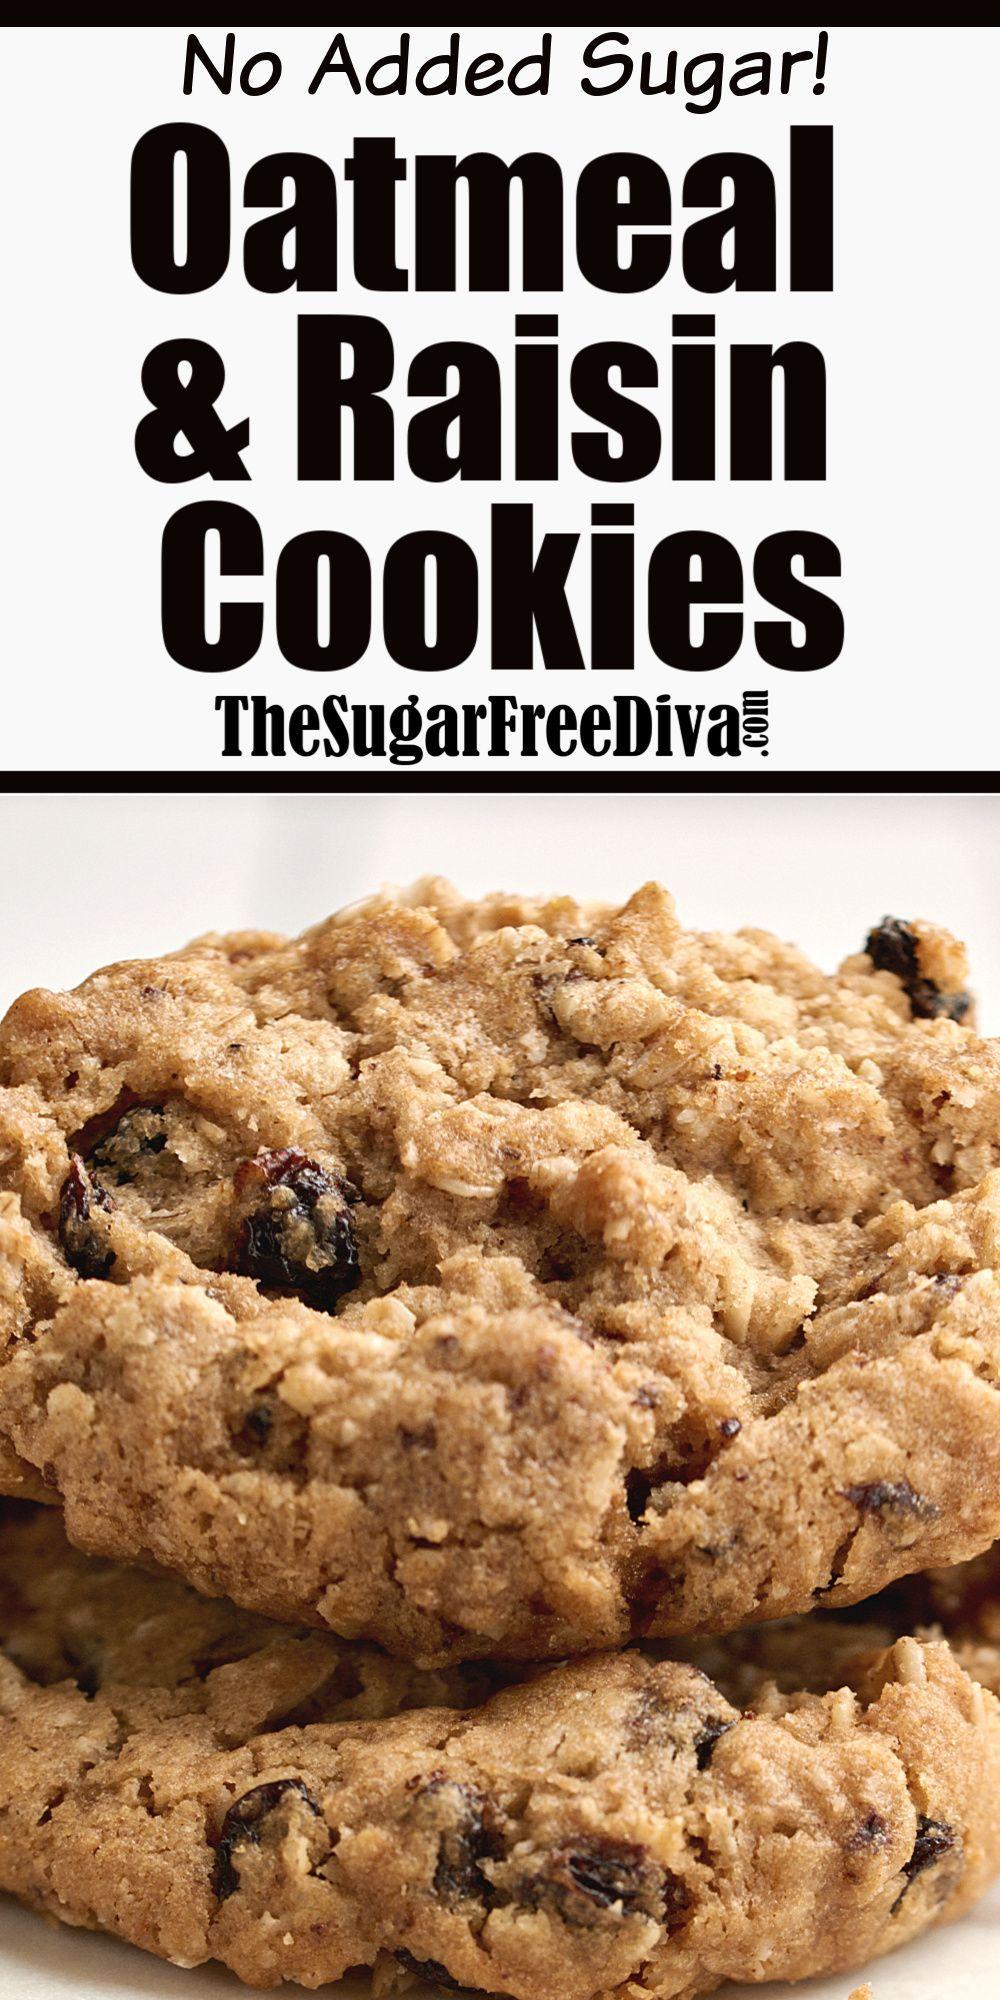 Geen Toegevoegde Suiker Havermout Rozijnenkoekjes Geweldig Trend Sugar Free Oatmeal Cookies Cookie Recipes Oatmeal Raisin Oatmeal Raisin Cookies Healthy